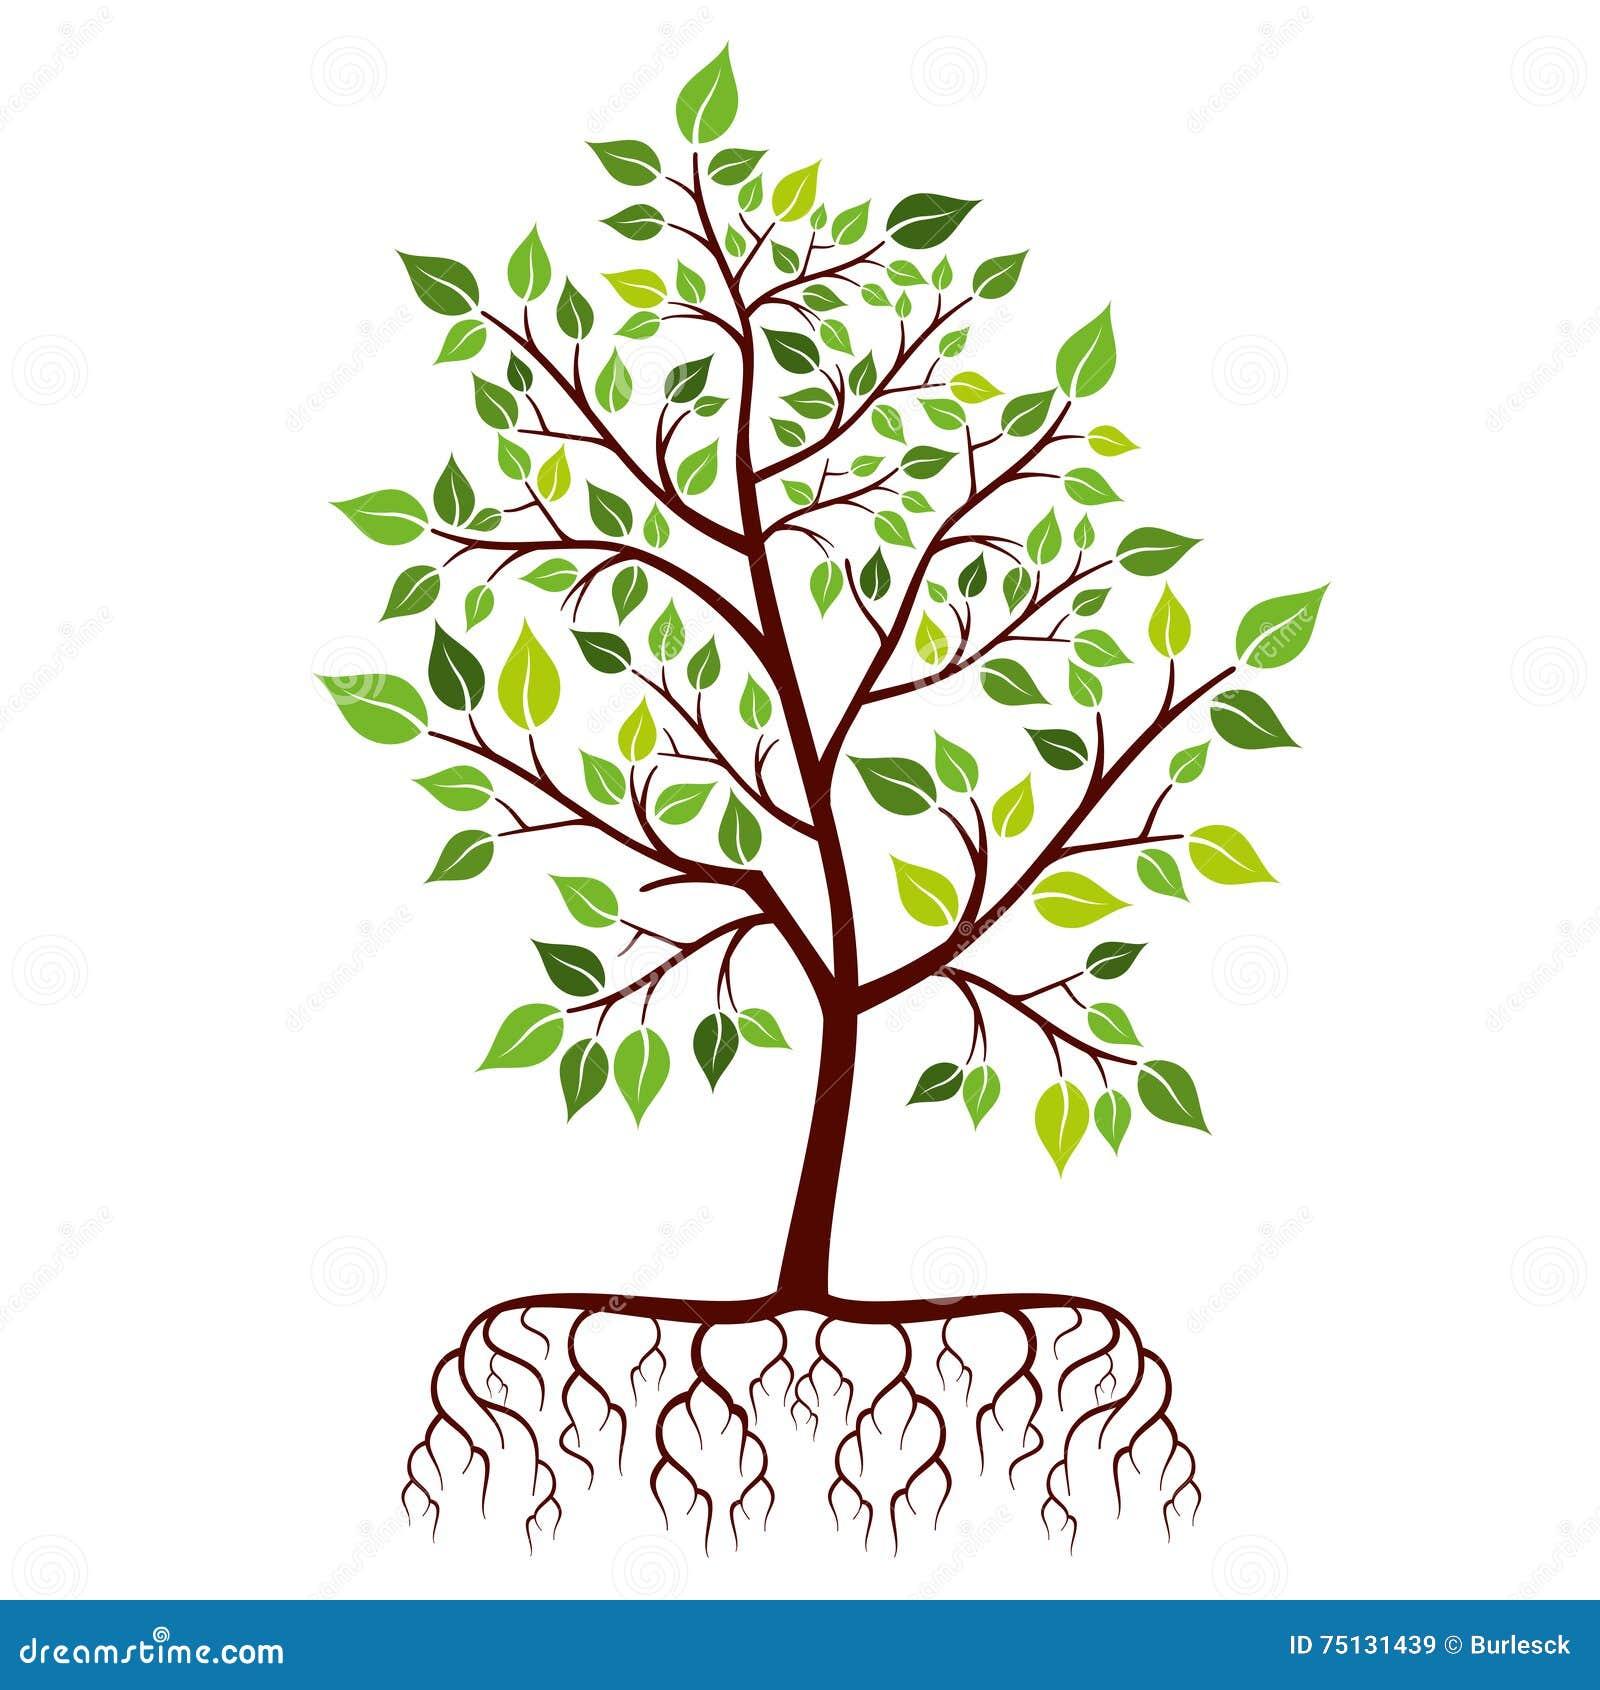 arbre avec des racines et des feuilles de vert illustration de vecteur illustration du vous. Black Bedroom Furniture Sets. Home Design Ideas